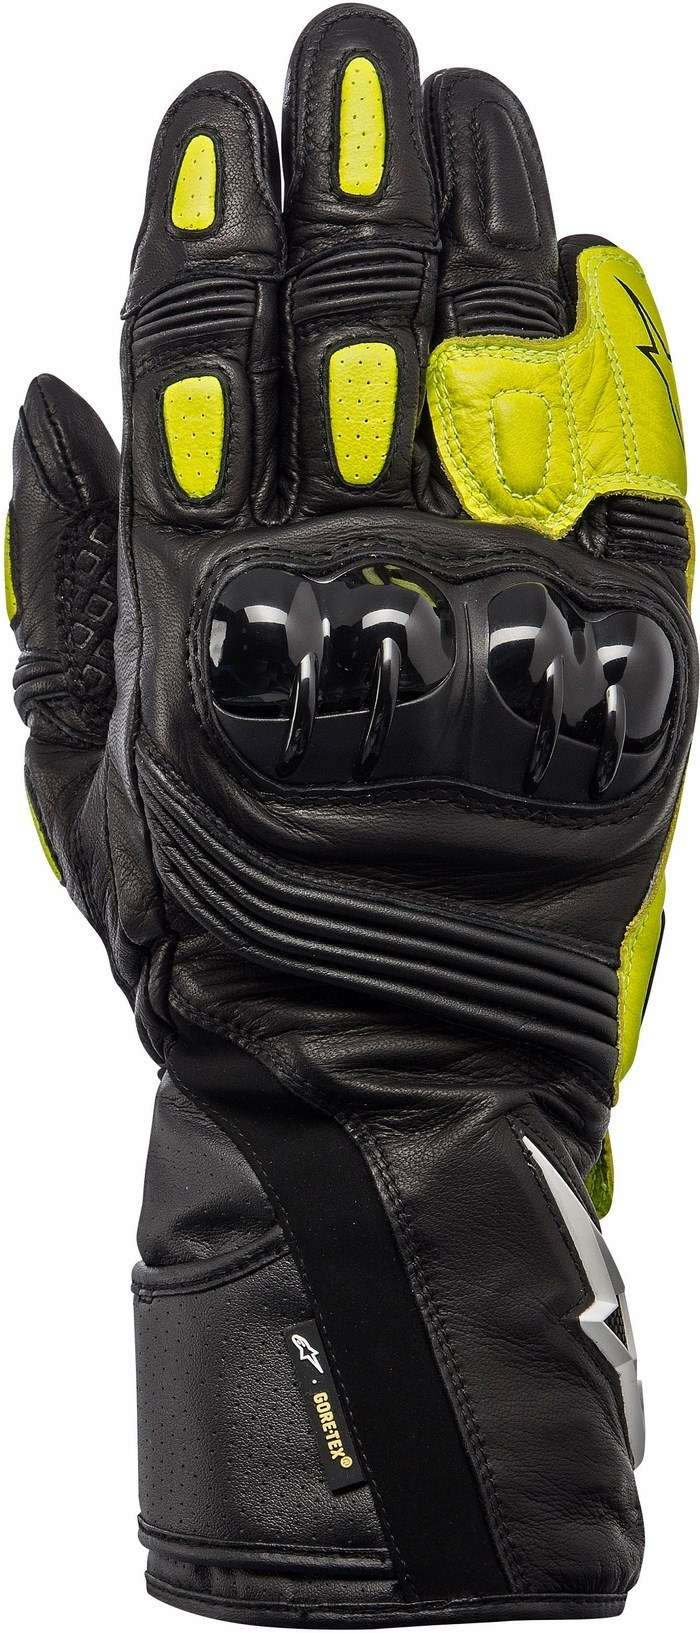 Guanti moto Alpinestars Archer X-Trafit nero-giallo fluo